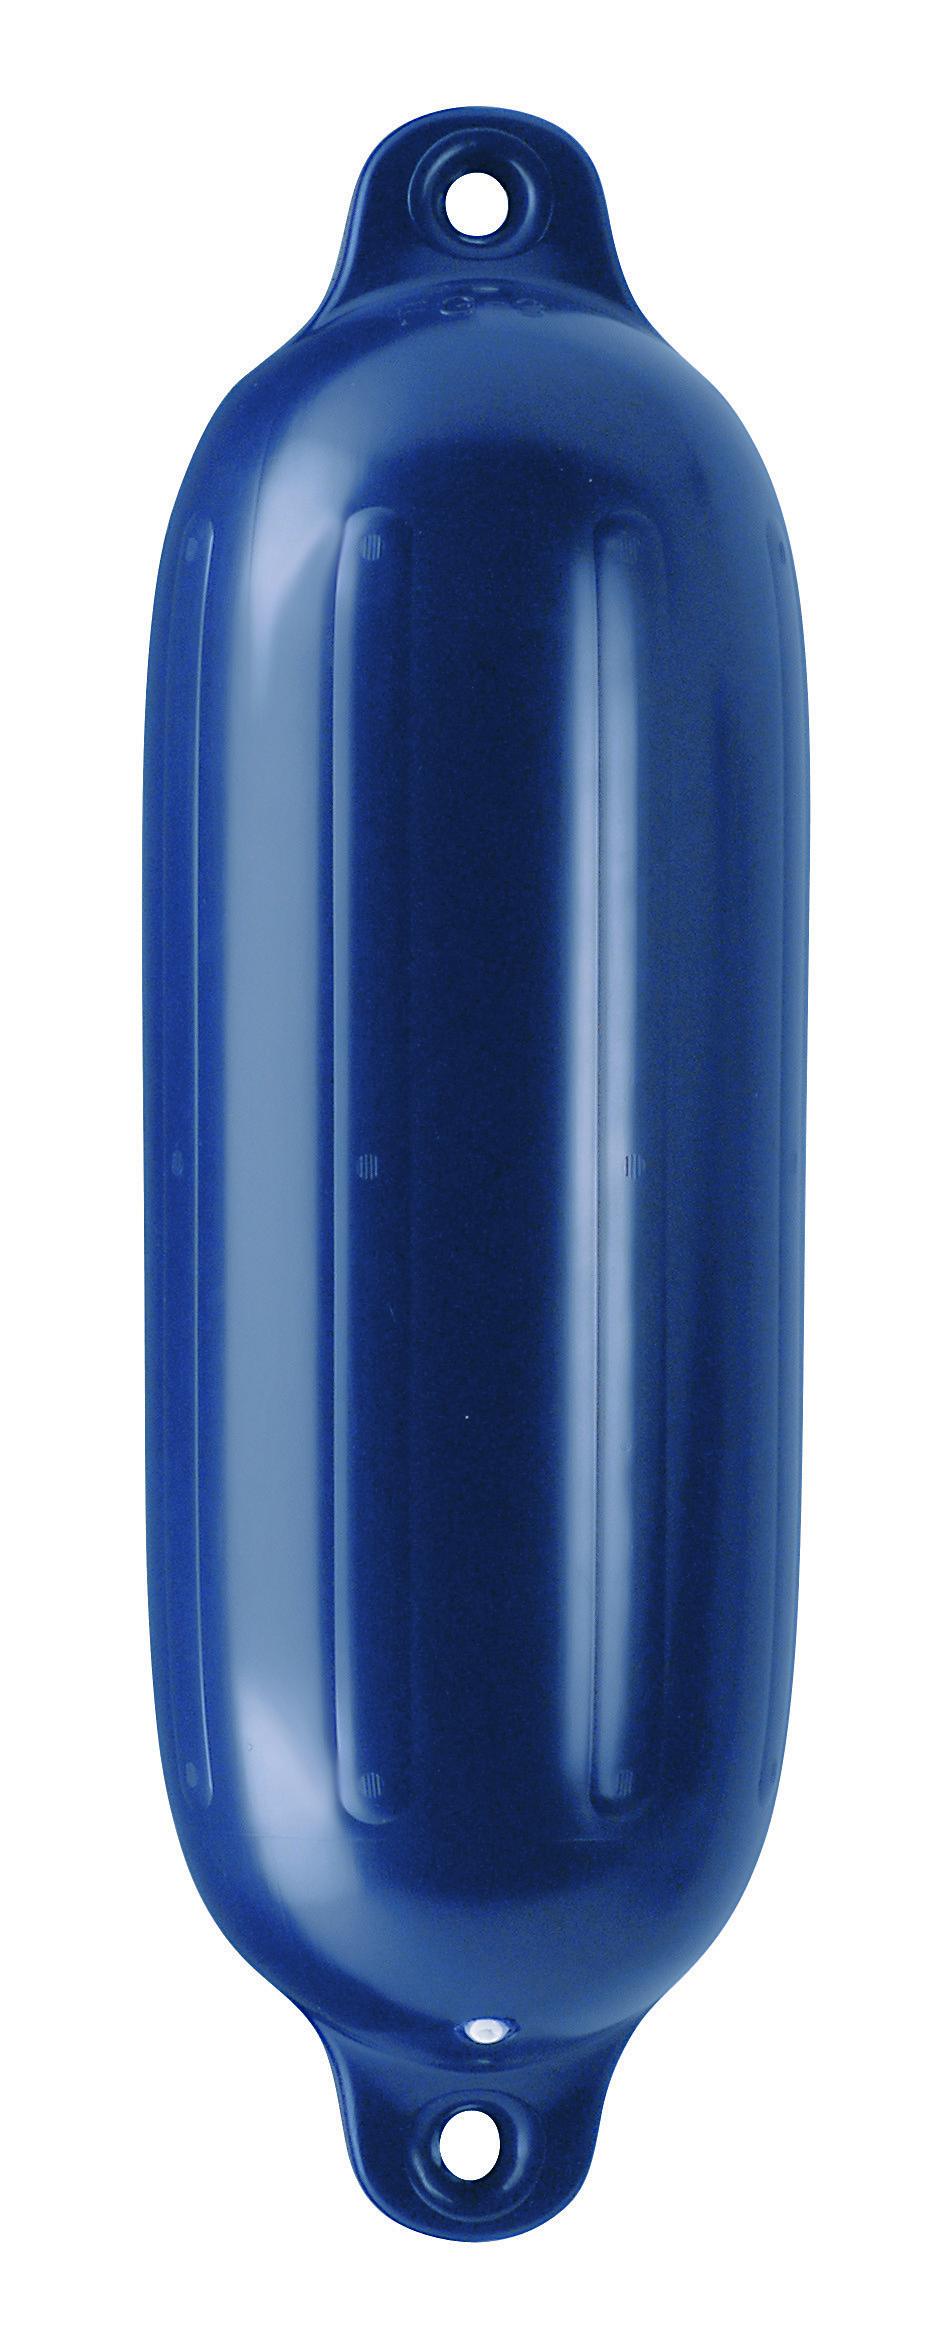 29.19 - Μπαλόνι POLYFORM Με Διπλό Μάτι Σειρά G Χρώματος Μπλε 21.5x70.5cm